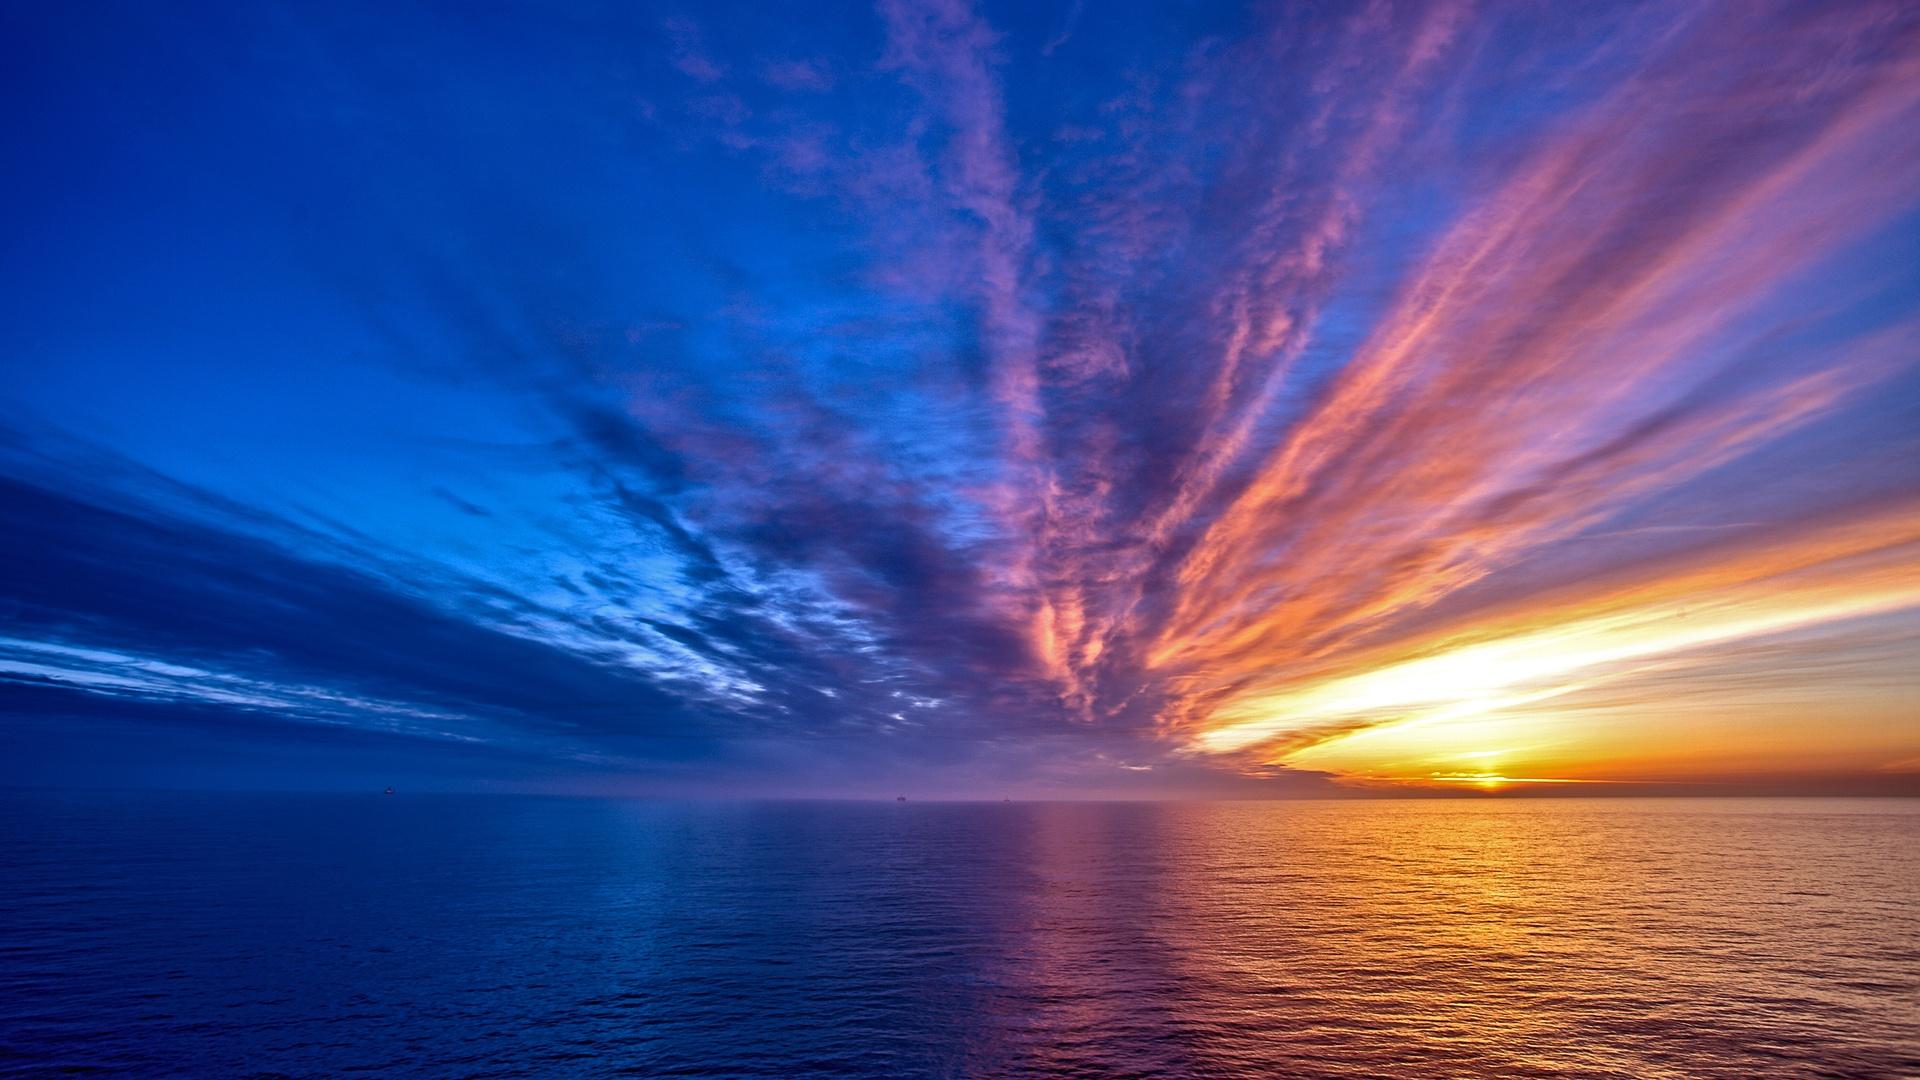 закат вода небо бесплатно